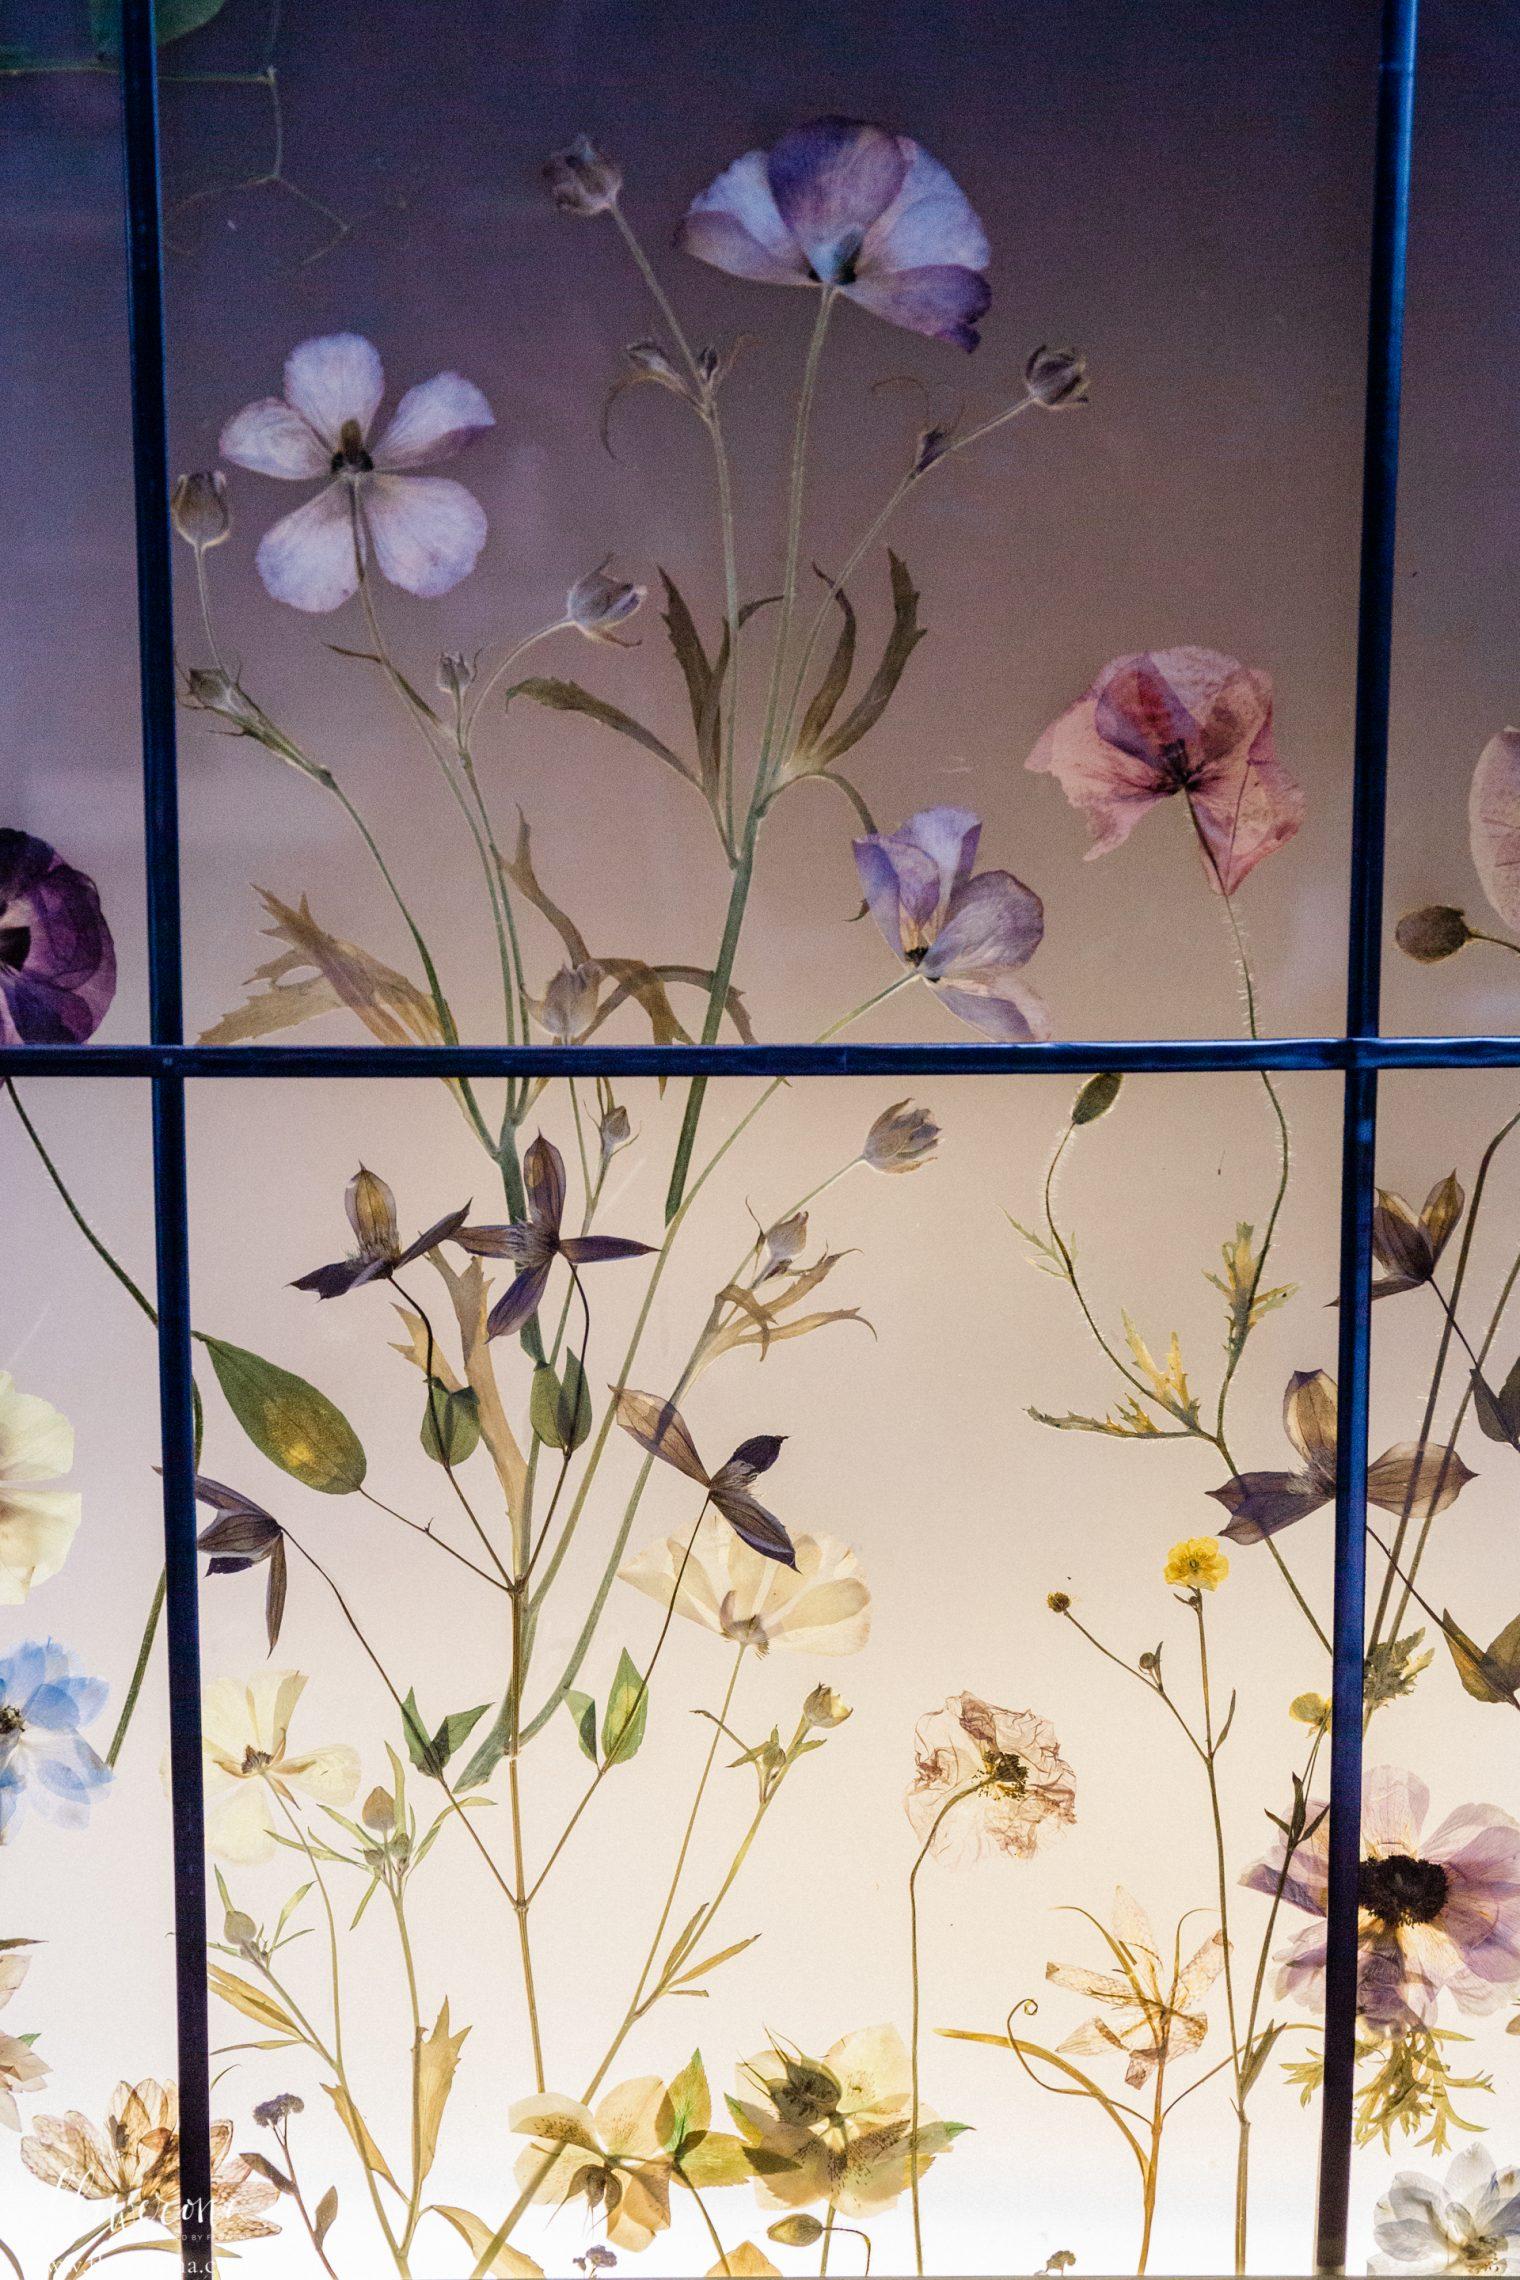 Pressed Flowers at the JamJar Flowers Studio